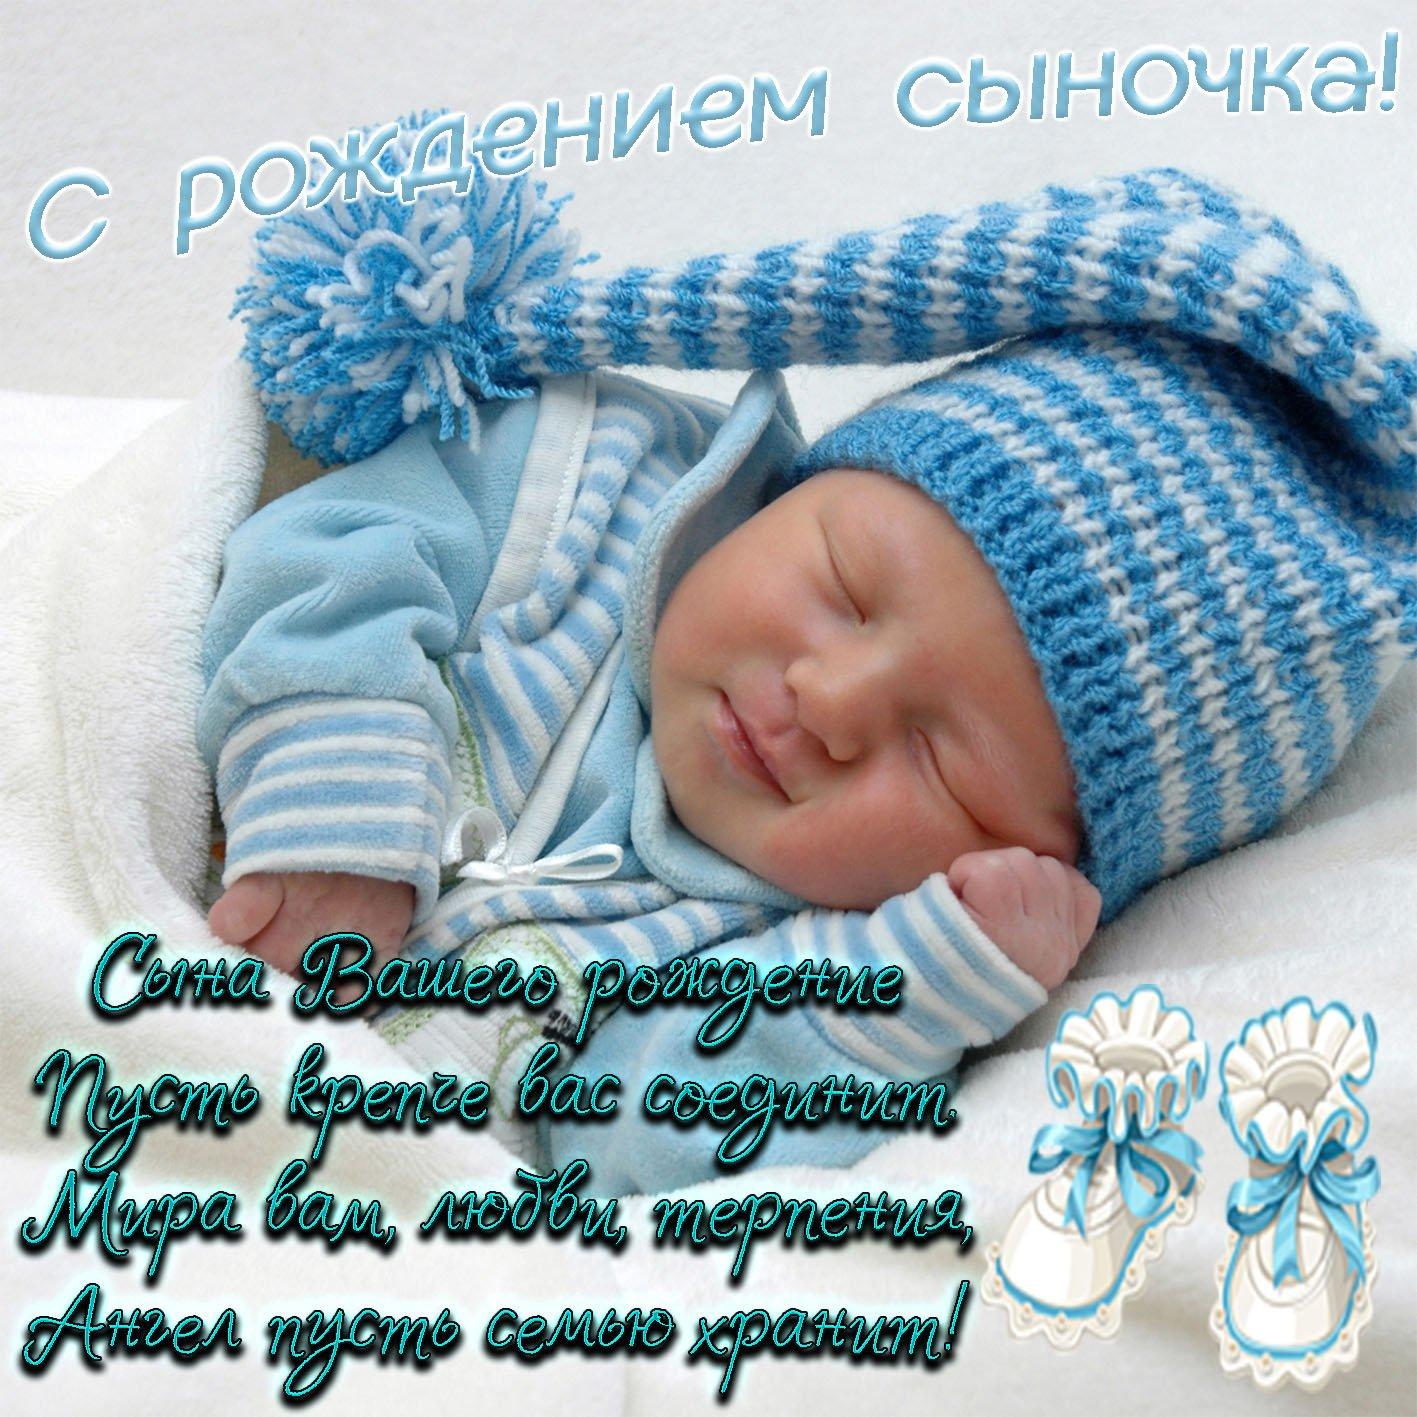 Открытки с рождением ребенка в контакте, скучно